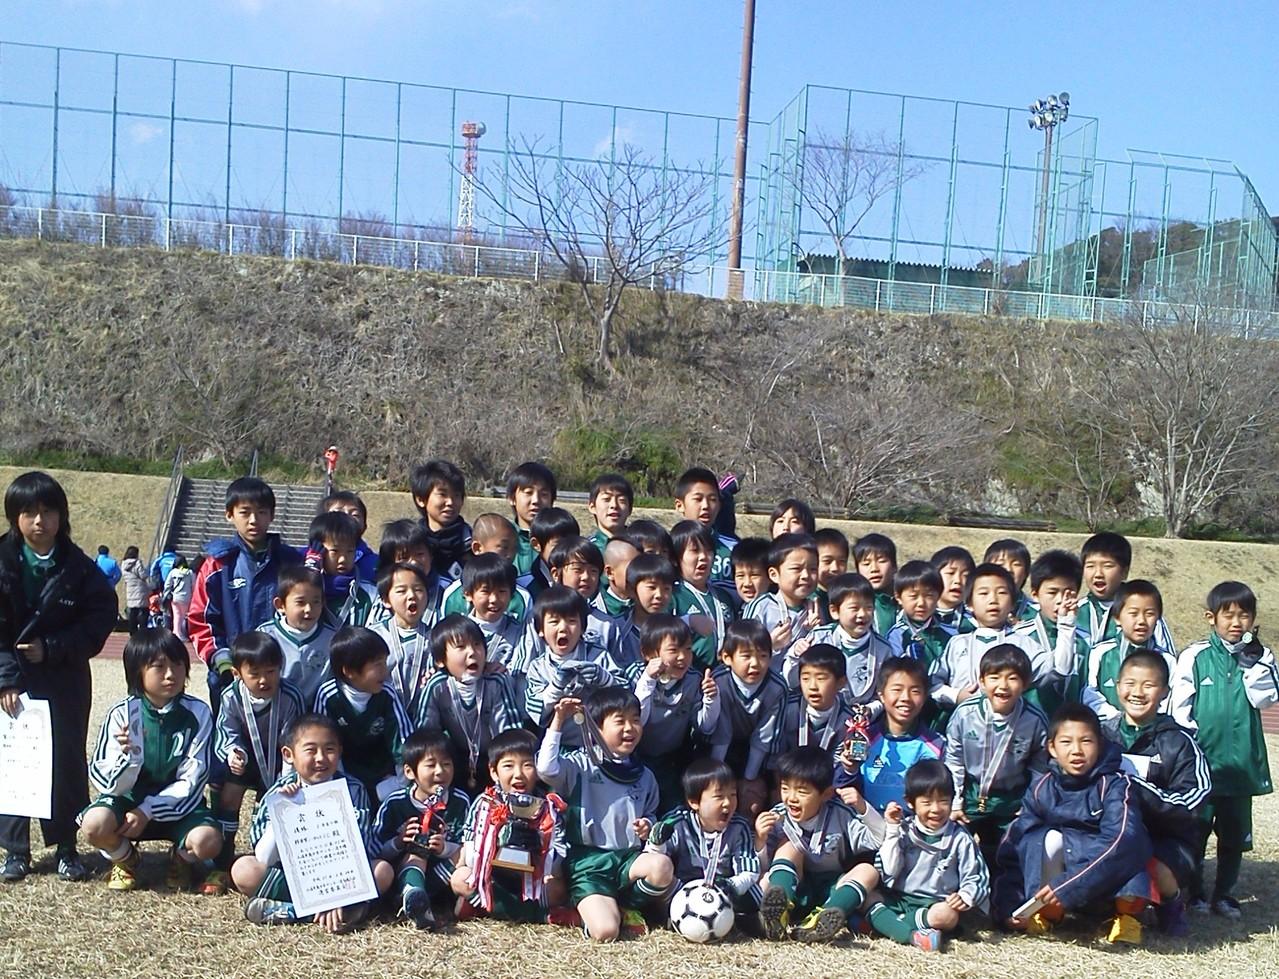 三浦半島大会 U-12,U-9,U-7